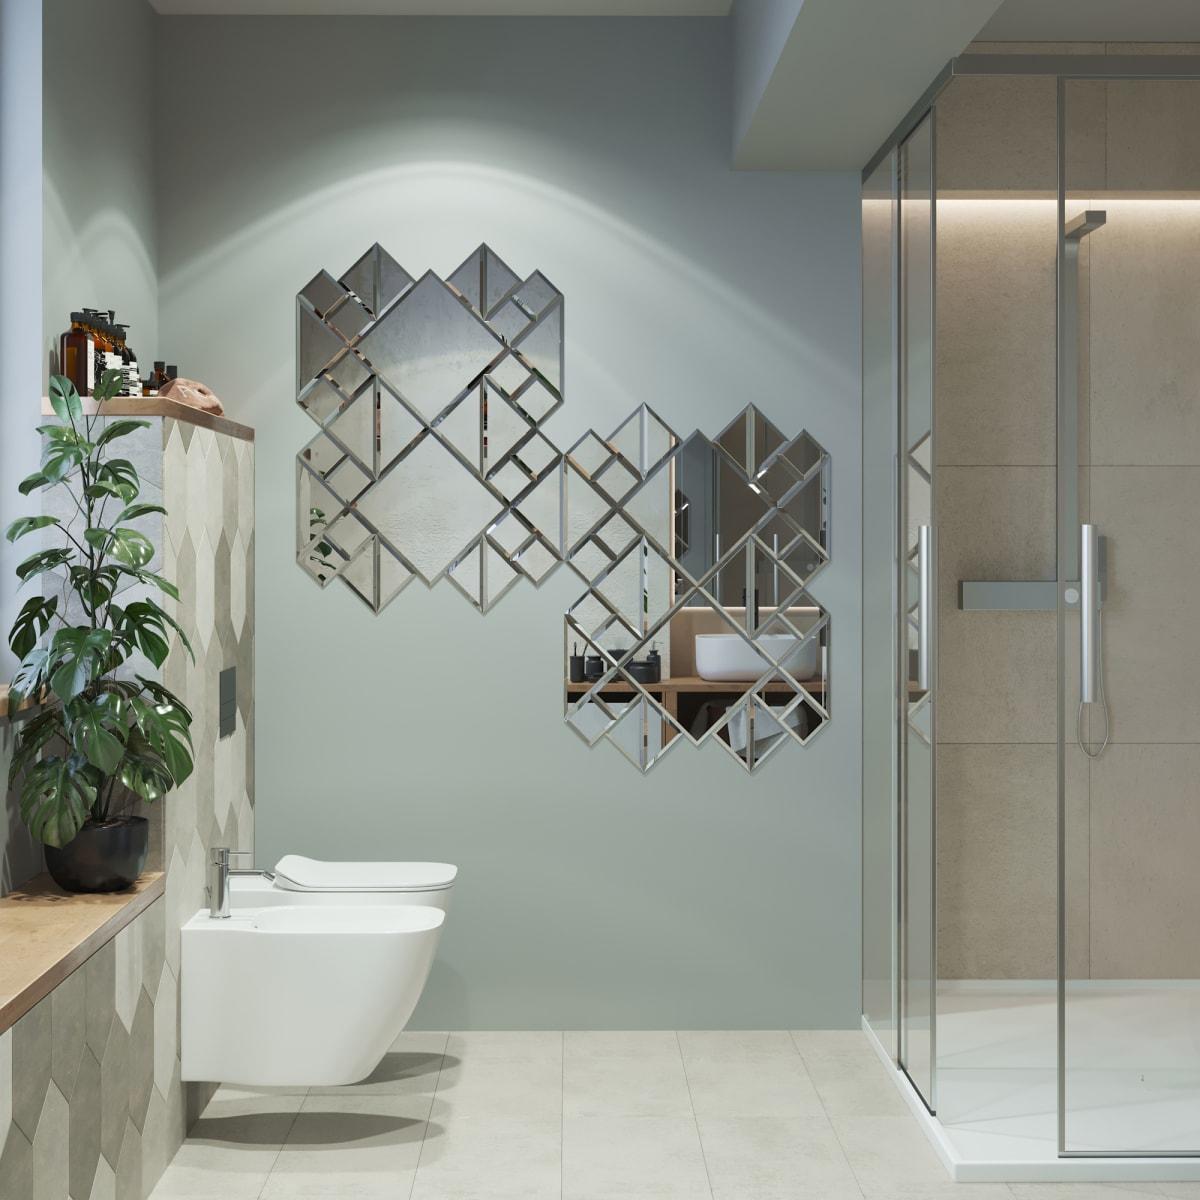 Плитка зеркальная Sensea треугольная 15x15 см 1 шт.